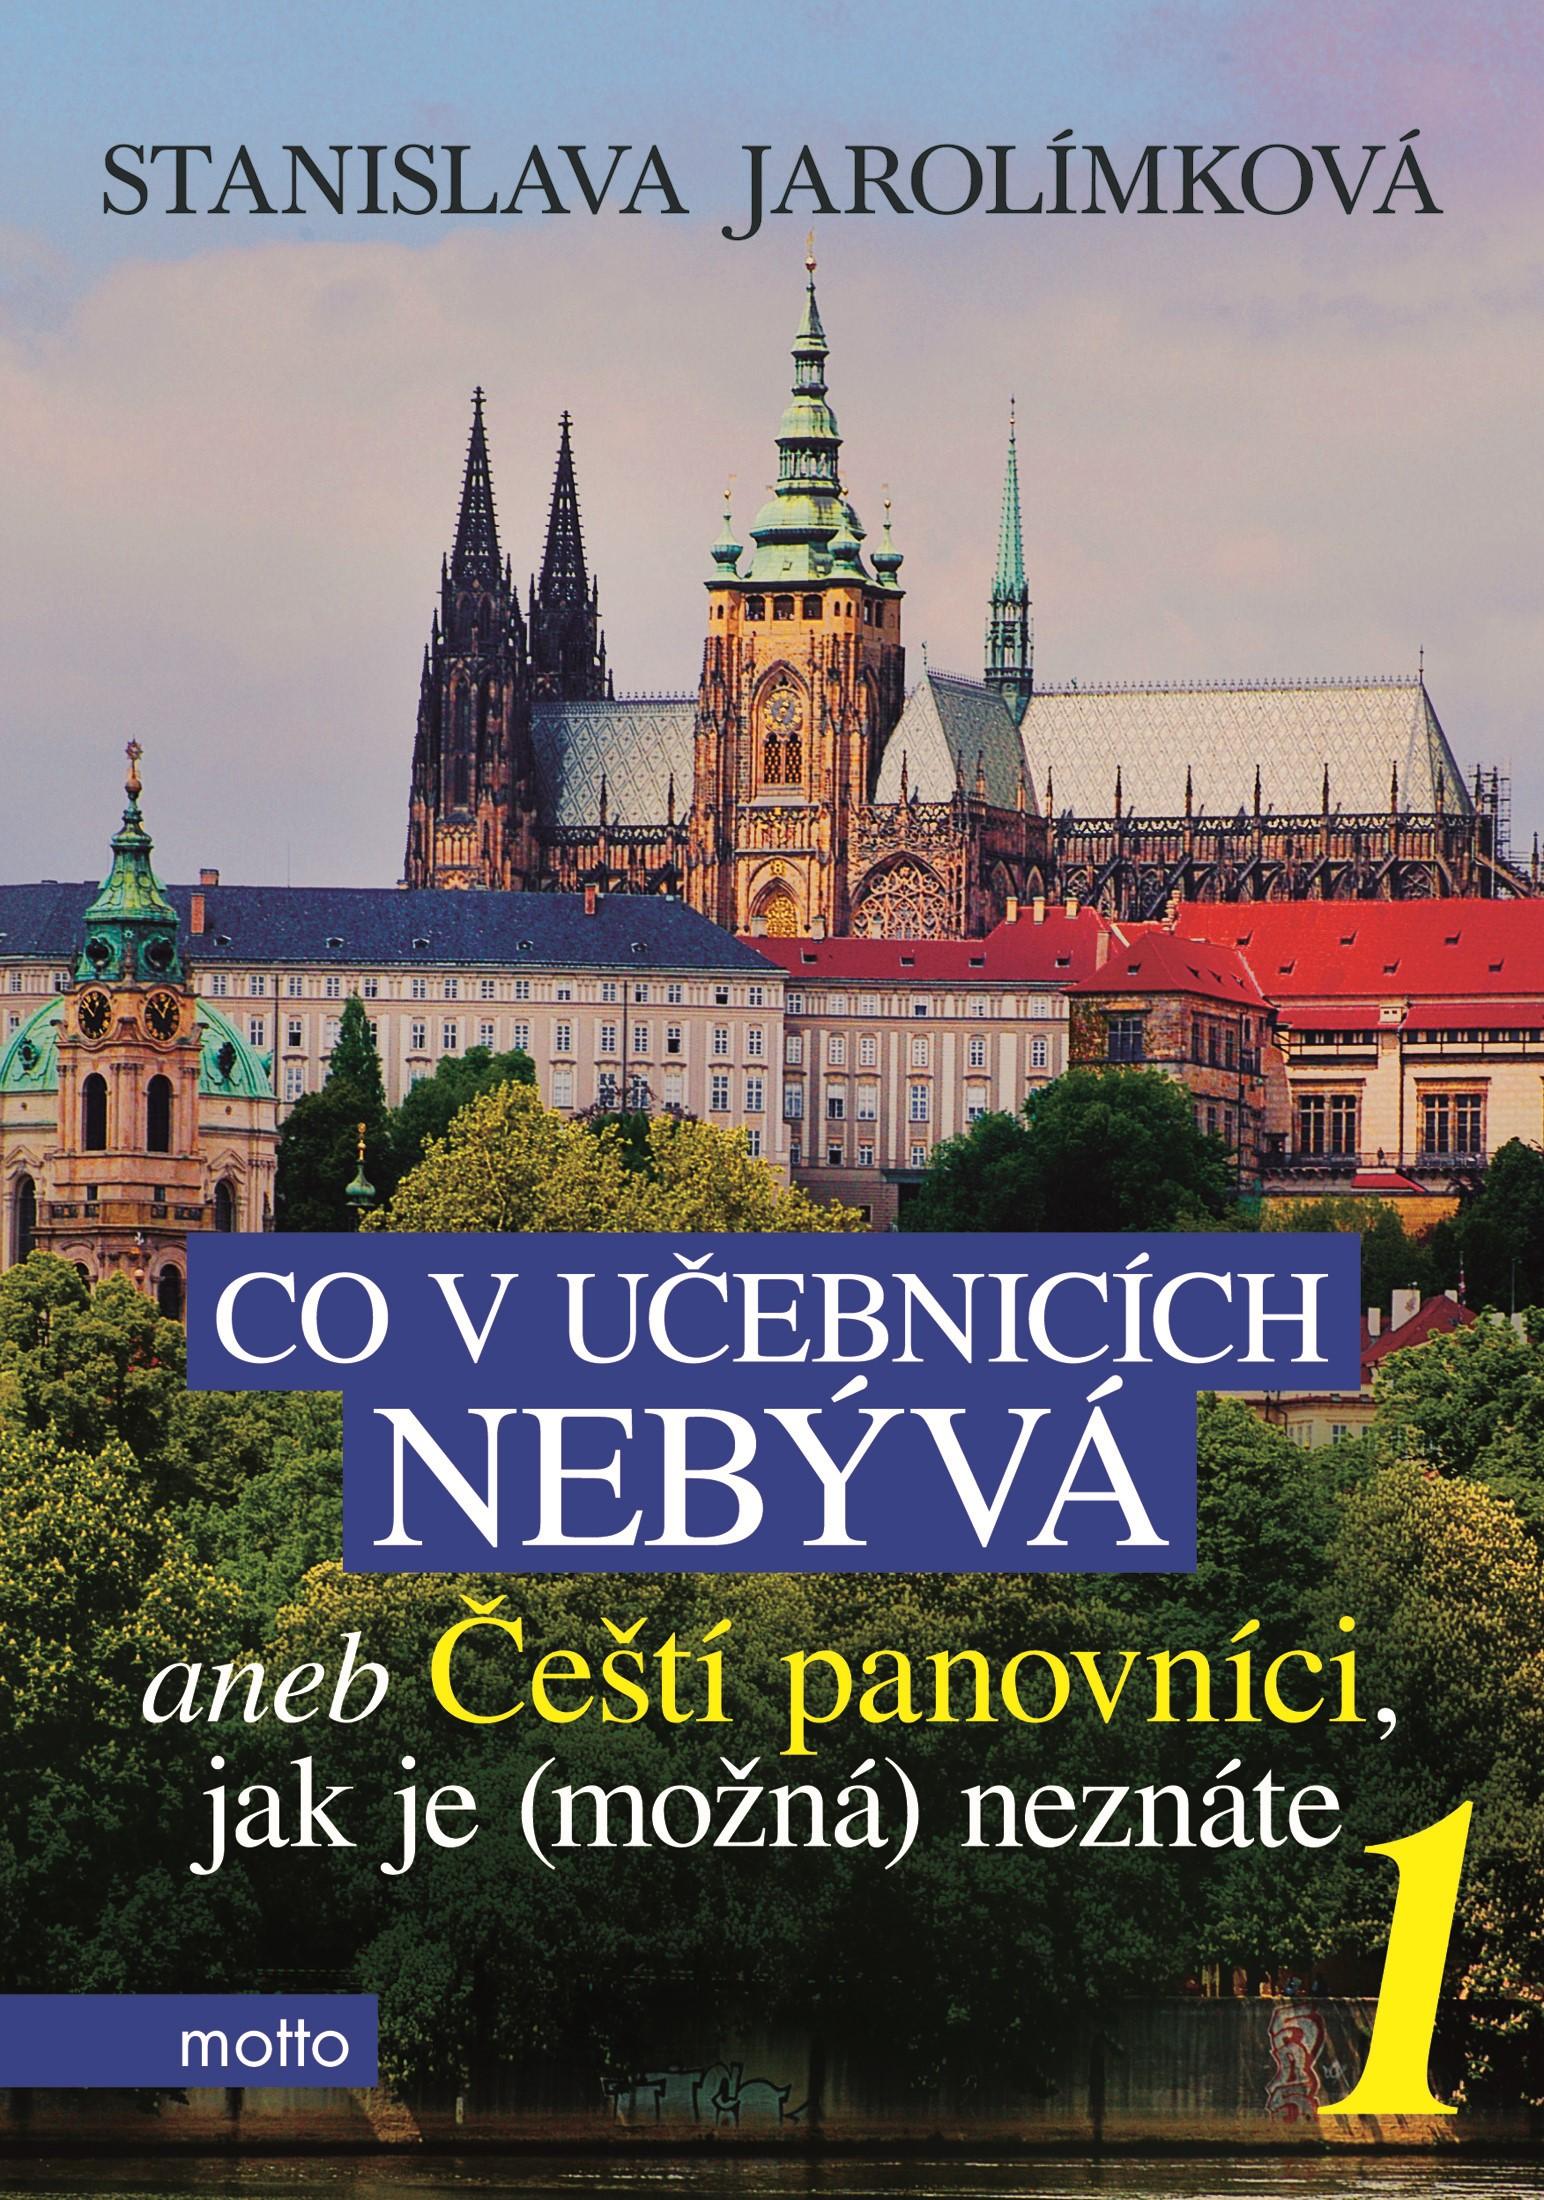 Co v učebnicích nebývá aneb Čeští panovníci, jak je (možná) neznáte 1